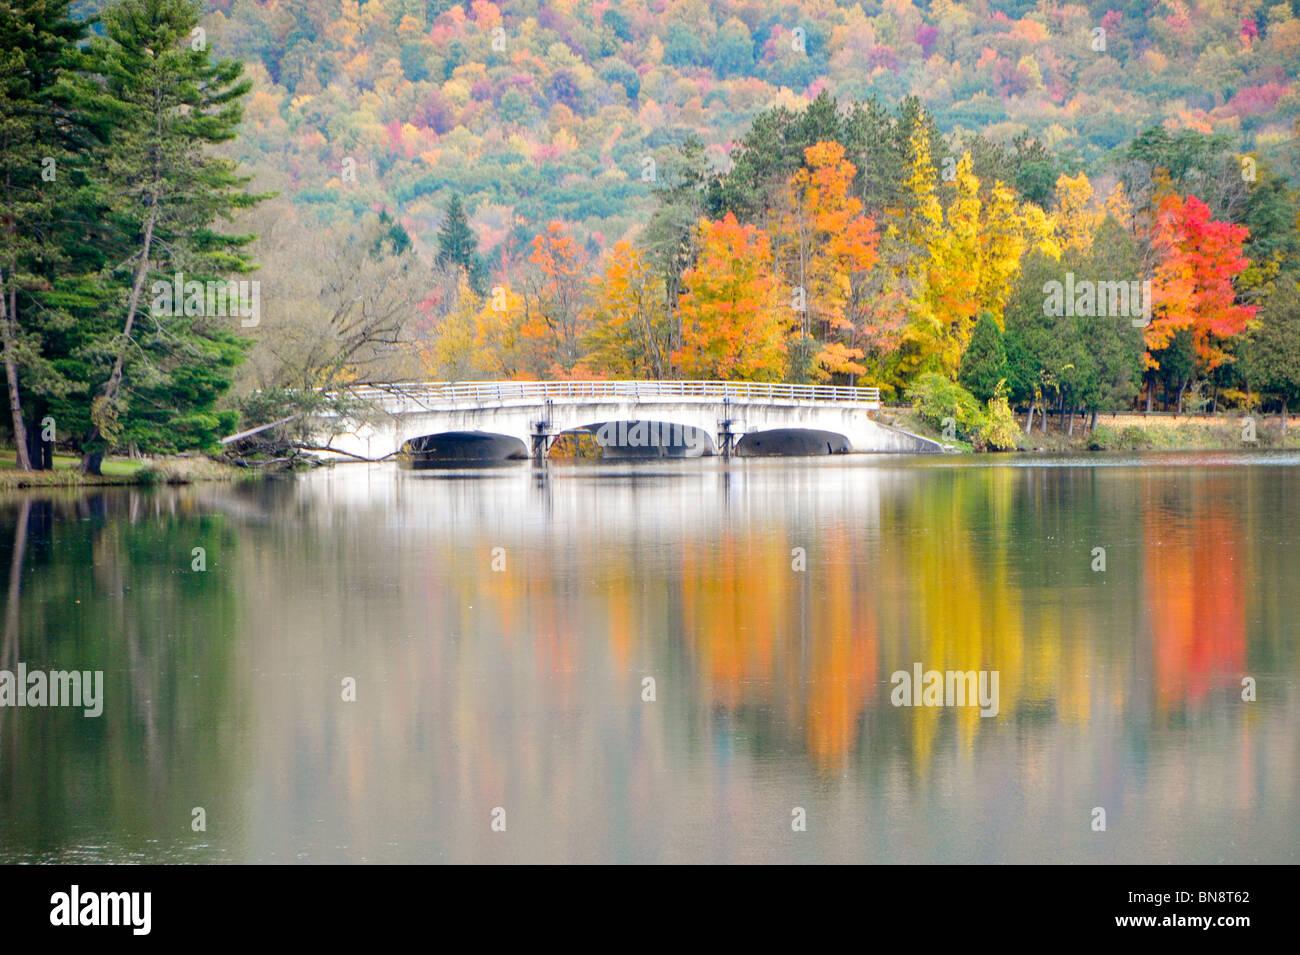 Red House See Allegany State Park New York Stockbild